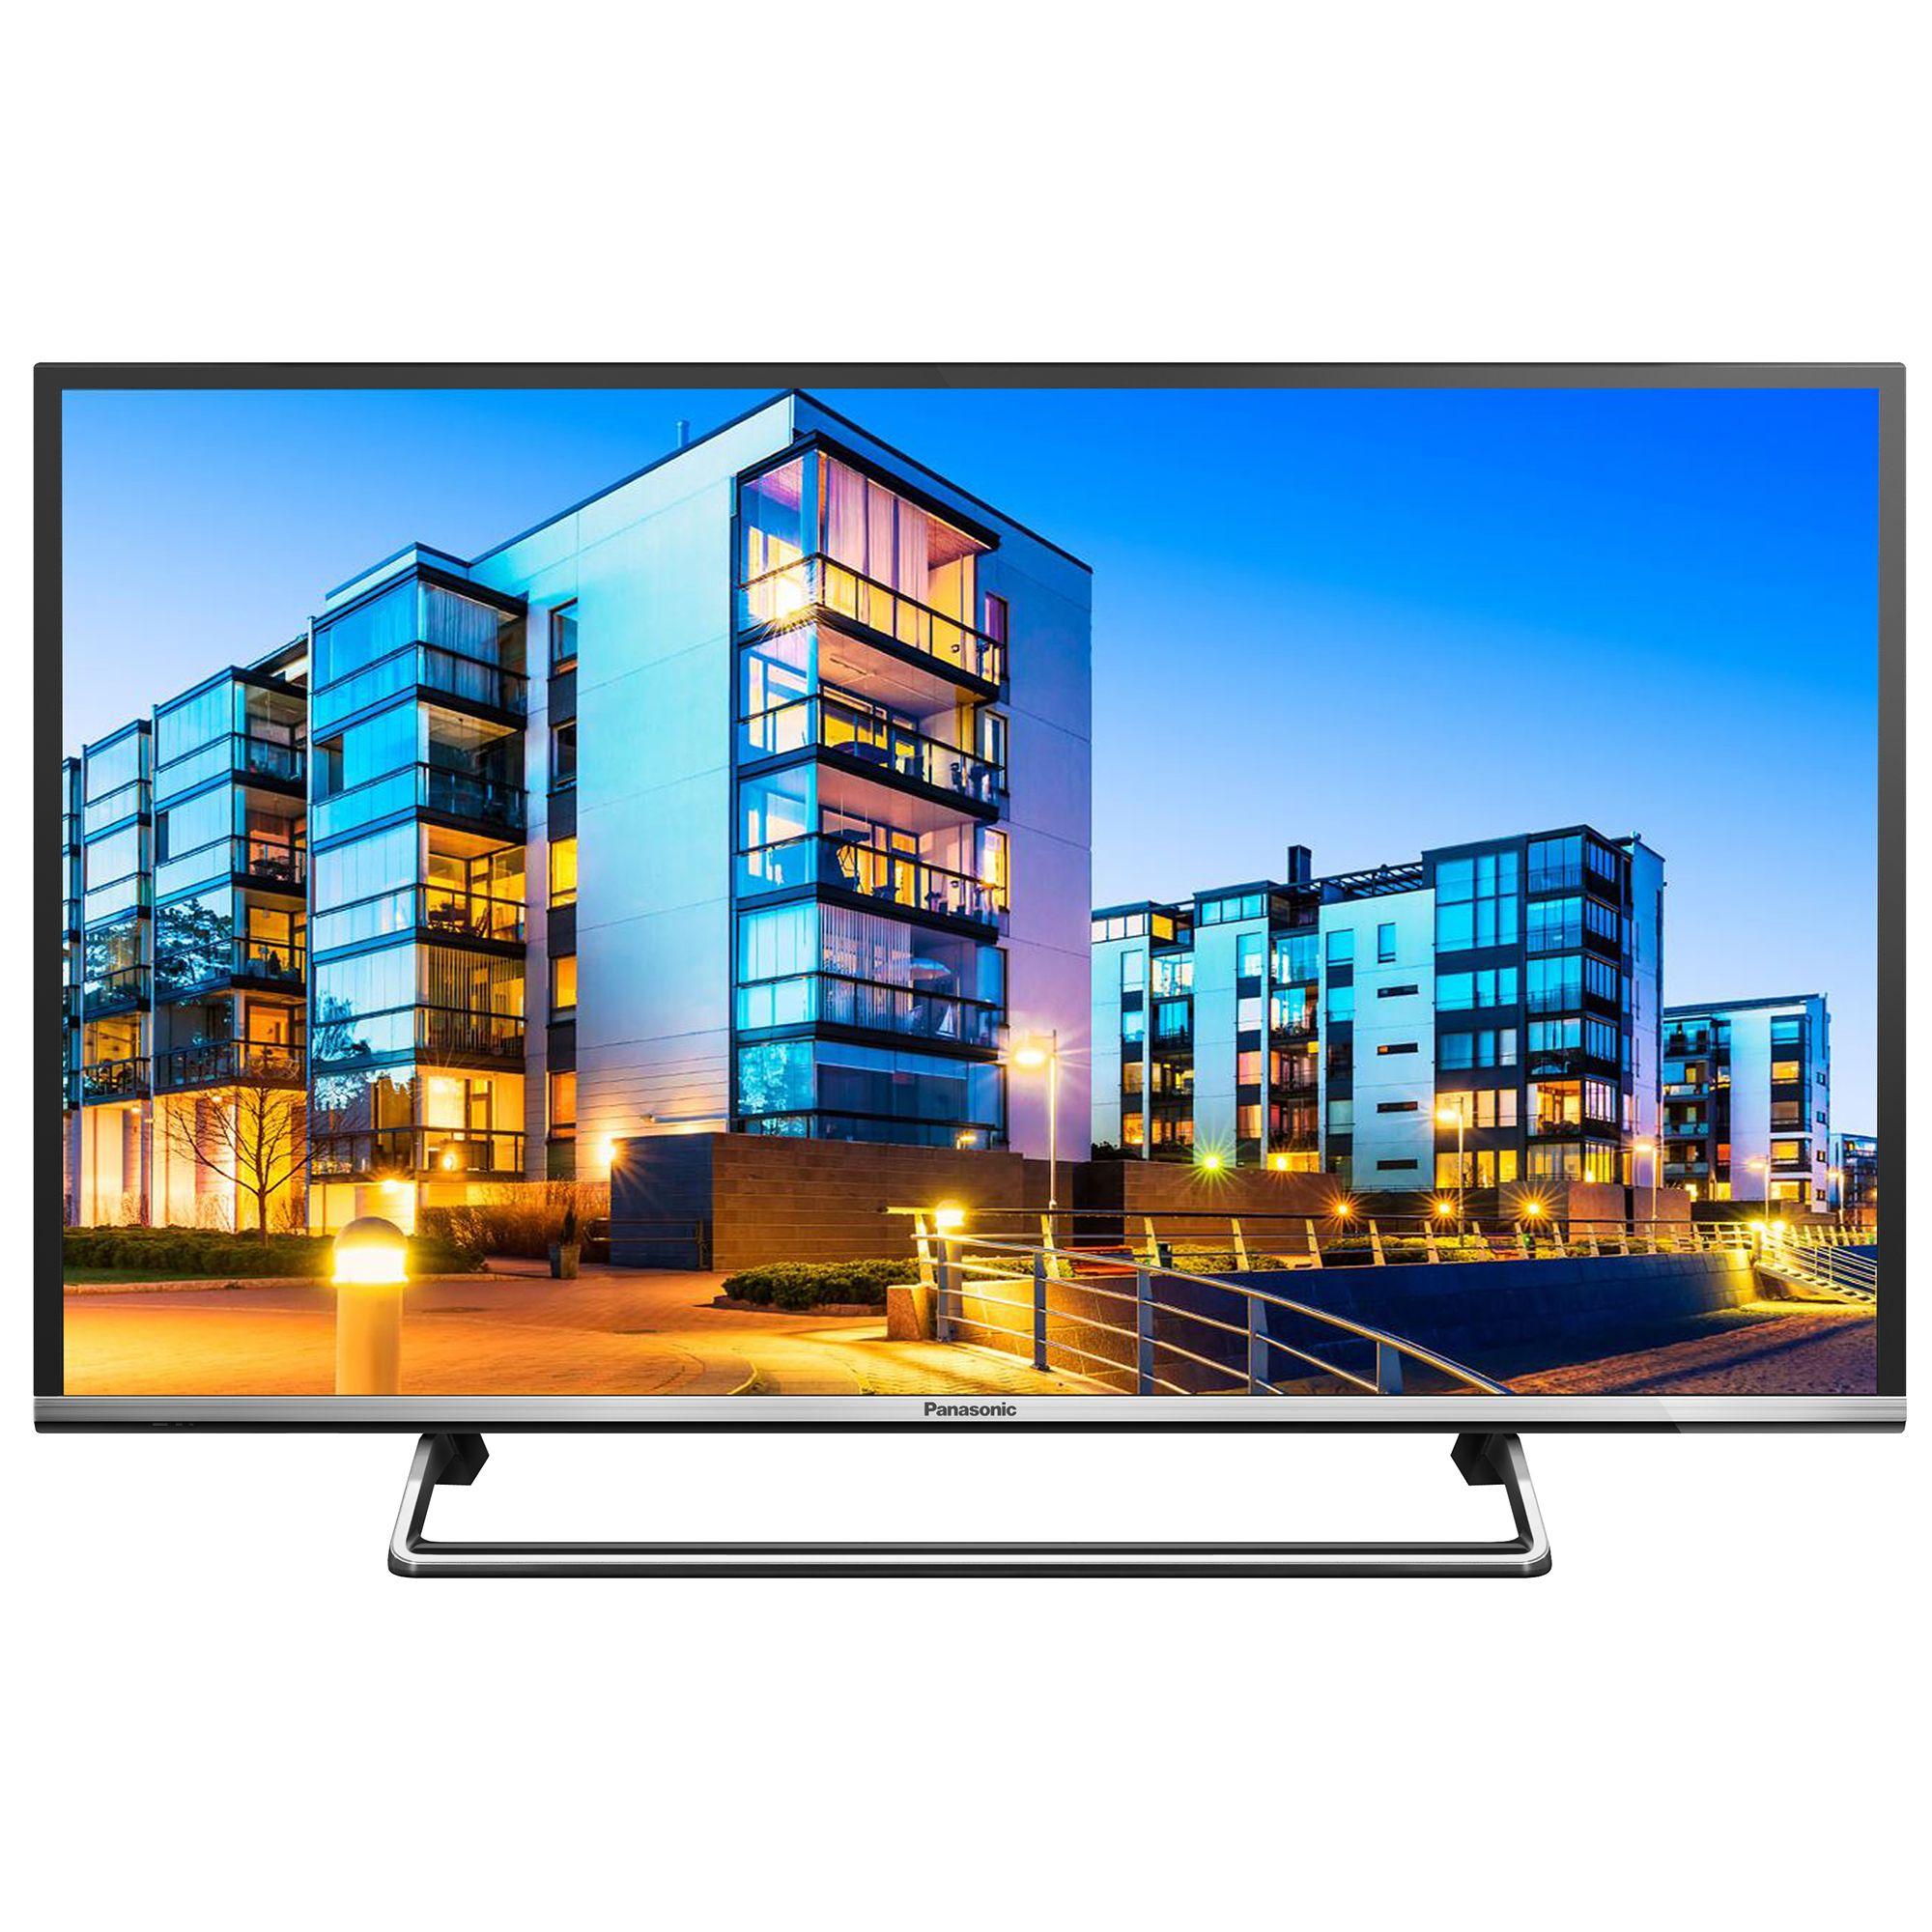 Televizor LED Panasonic VIERA Smart TV TX-49DS500E 49 Full HD Negru